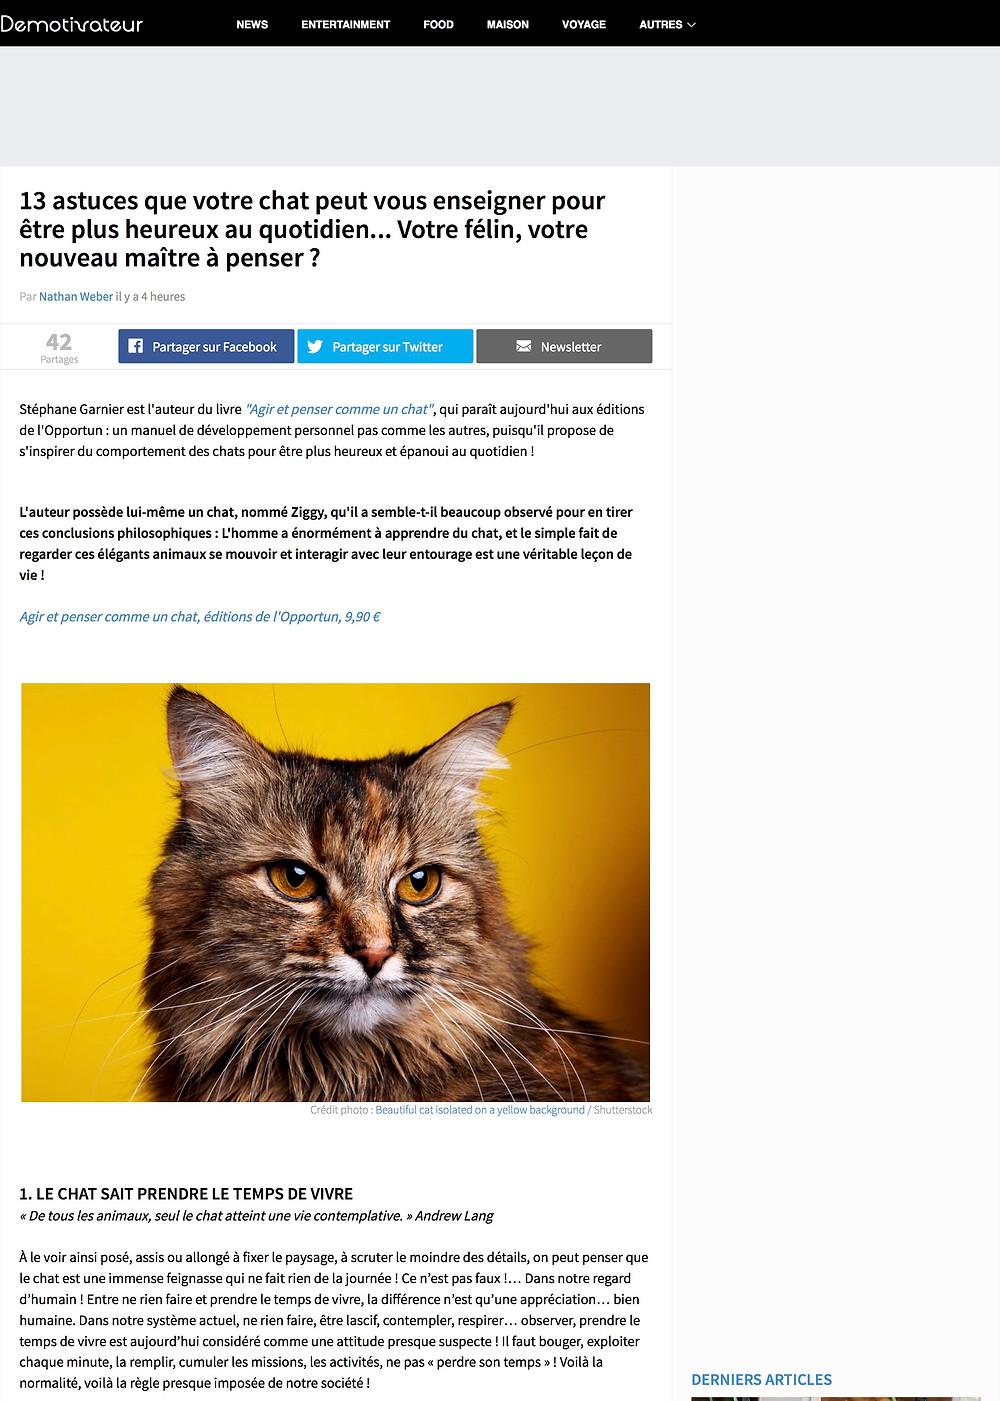 Article complet du Démotivateur >>>